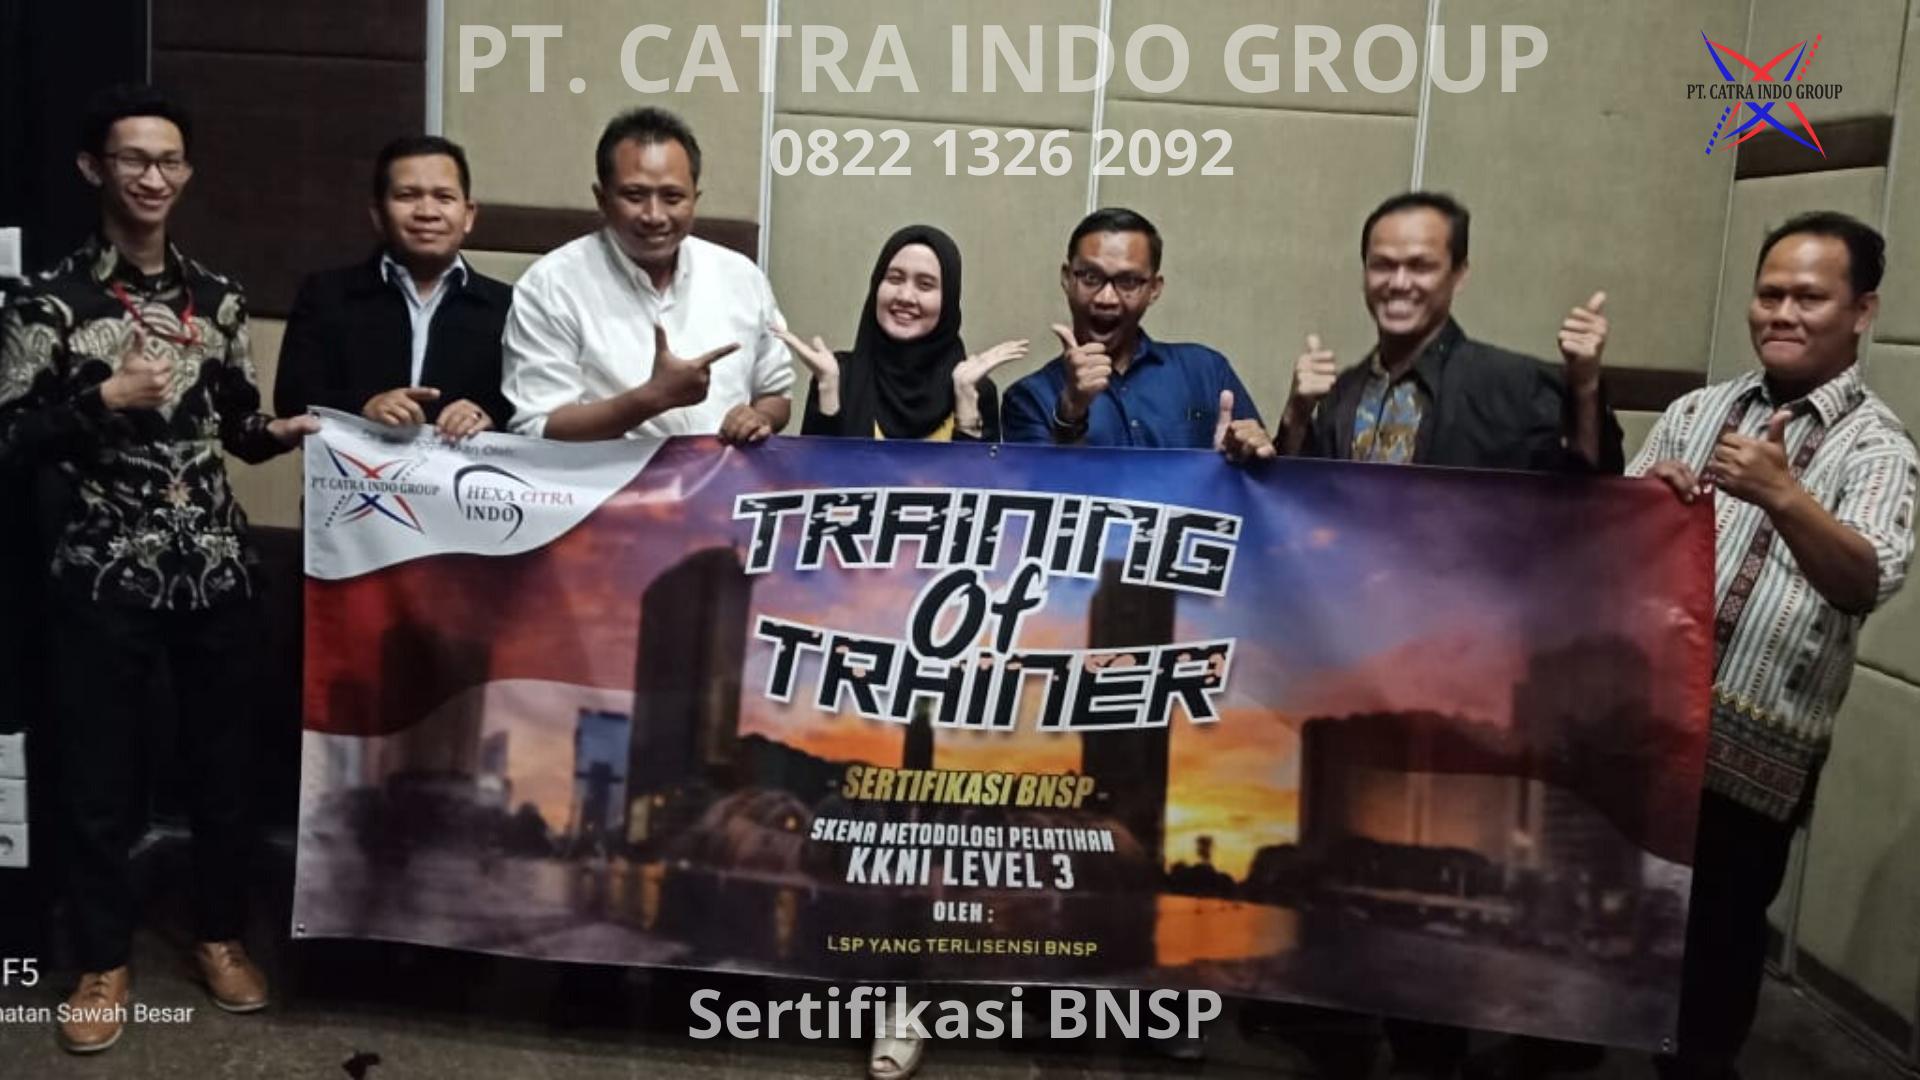 Cara Mendapatkan Sertifikat TOT (Training Of Trainer) Berlisensi BNSP